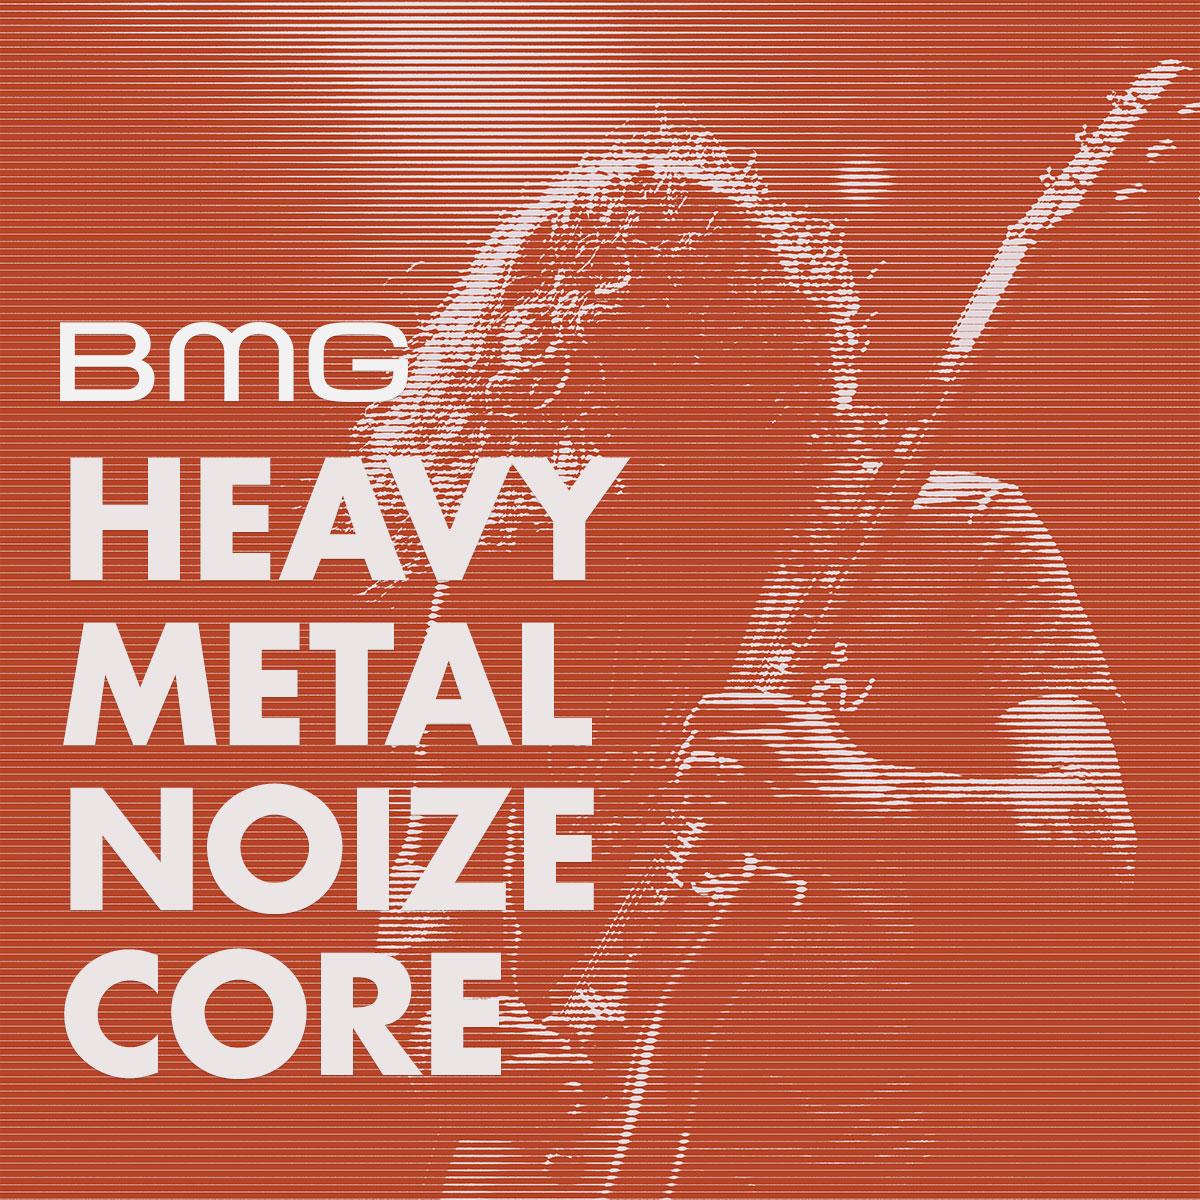 1200-x-1200-Heavy-Metal-Noize-Core.jpg